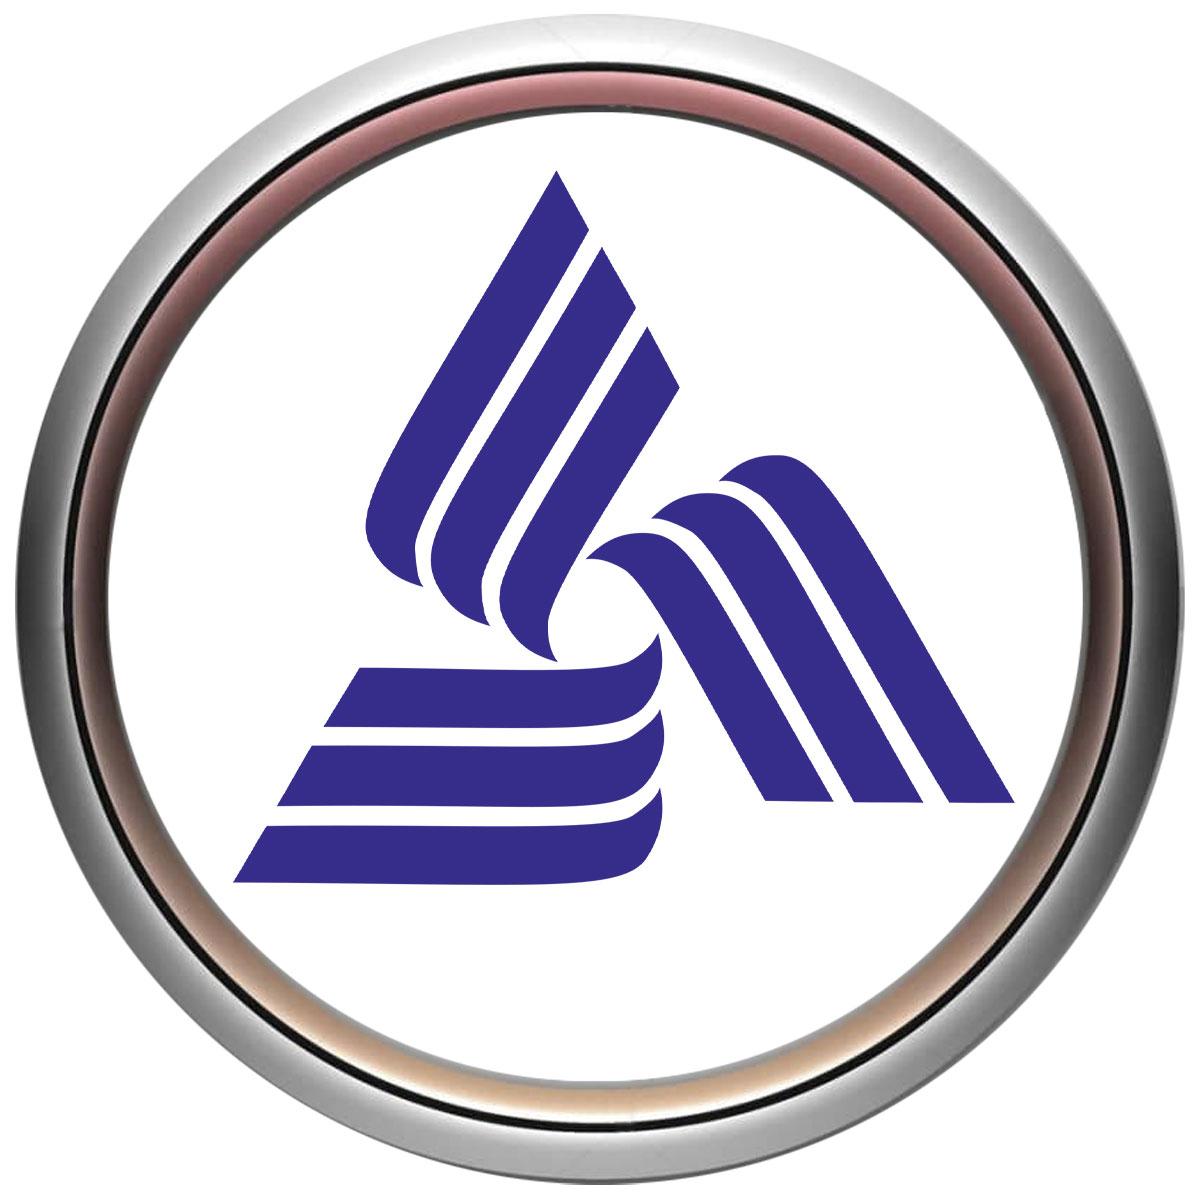 parskhodro-logo